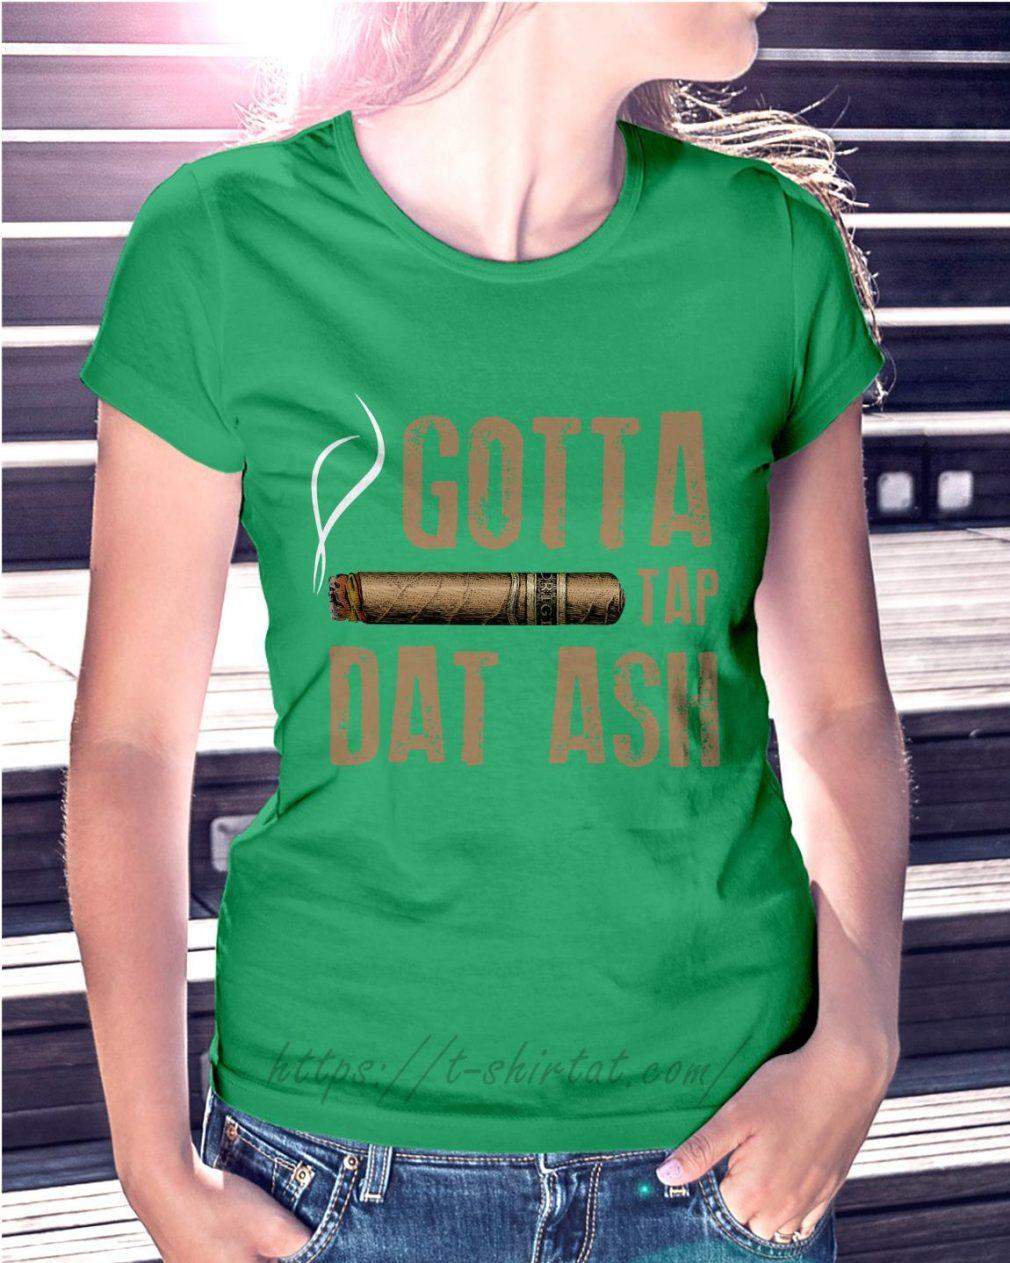 Smoking gotta tap dat ash Ladies Tee green